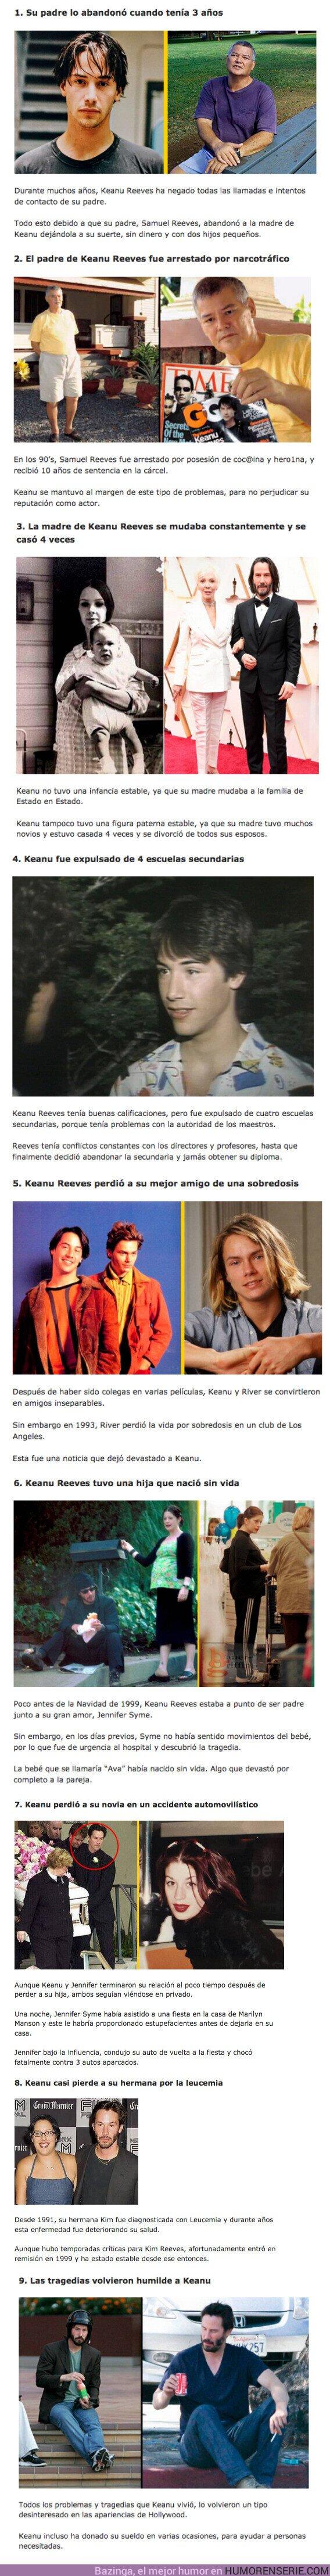 80376 - GALERÍA: 9 Historias trágicas que ha tenido que sufrir Keanu Reeves